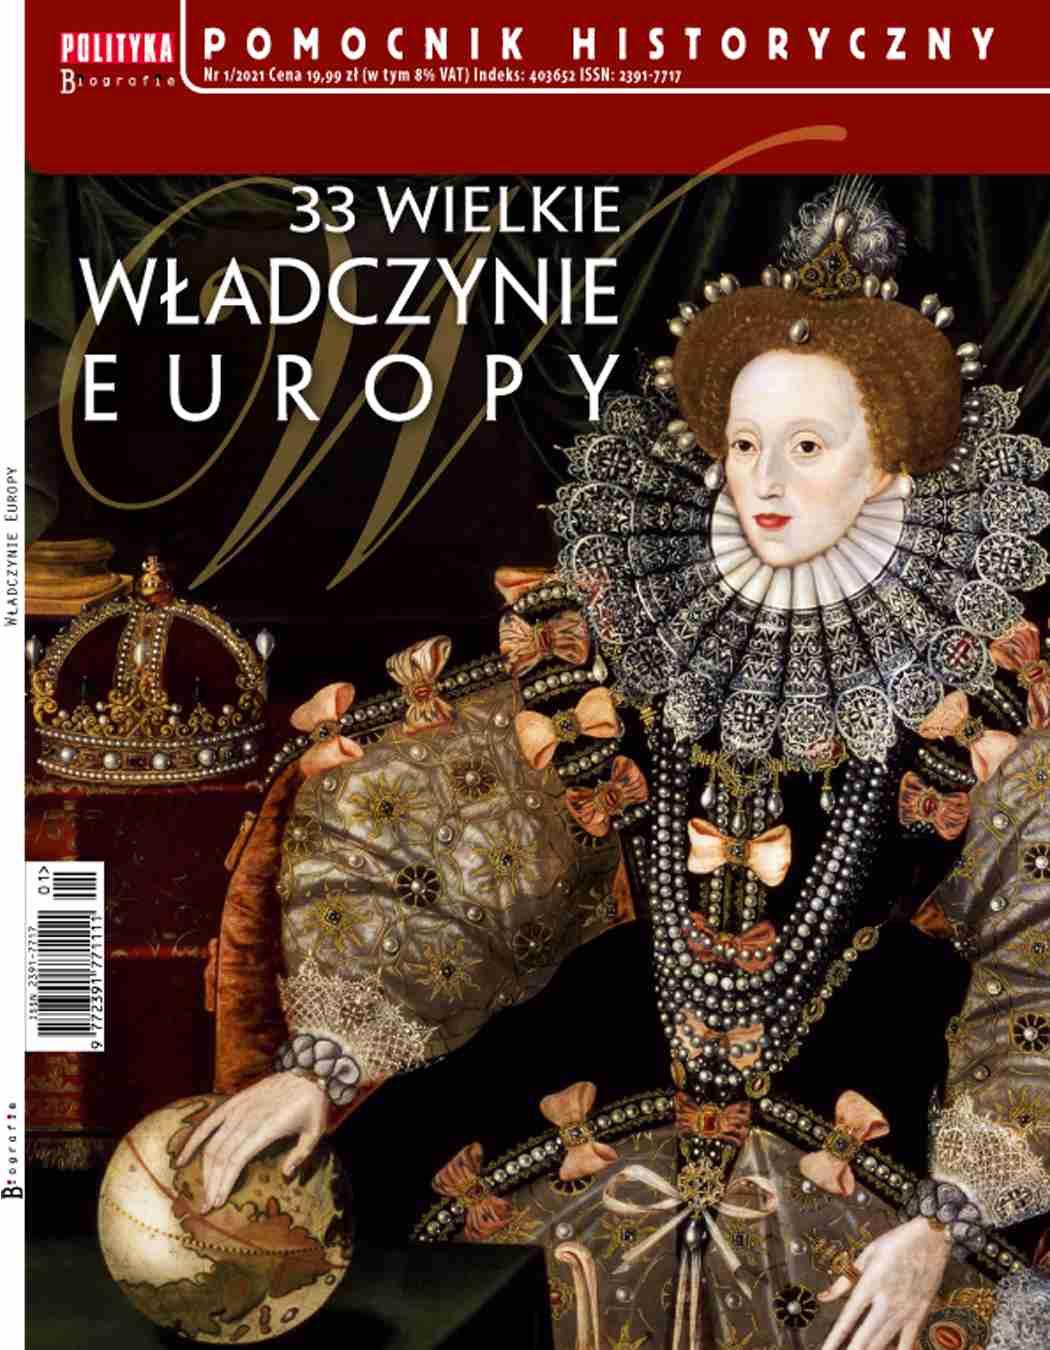 Pomocnik Historyczny. 33 wielkie władczynie Europy 1/2021 - Ebook (Książka PDF) do pobrania w formacie PDF